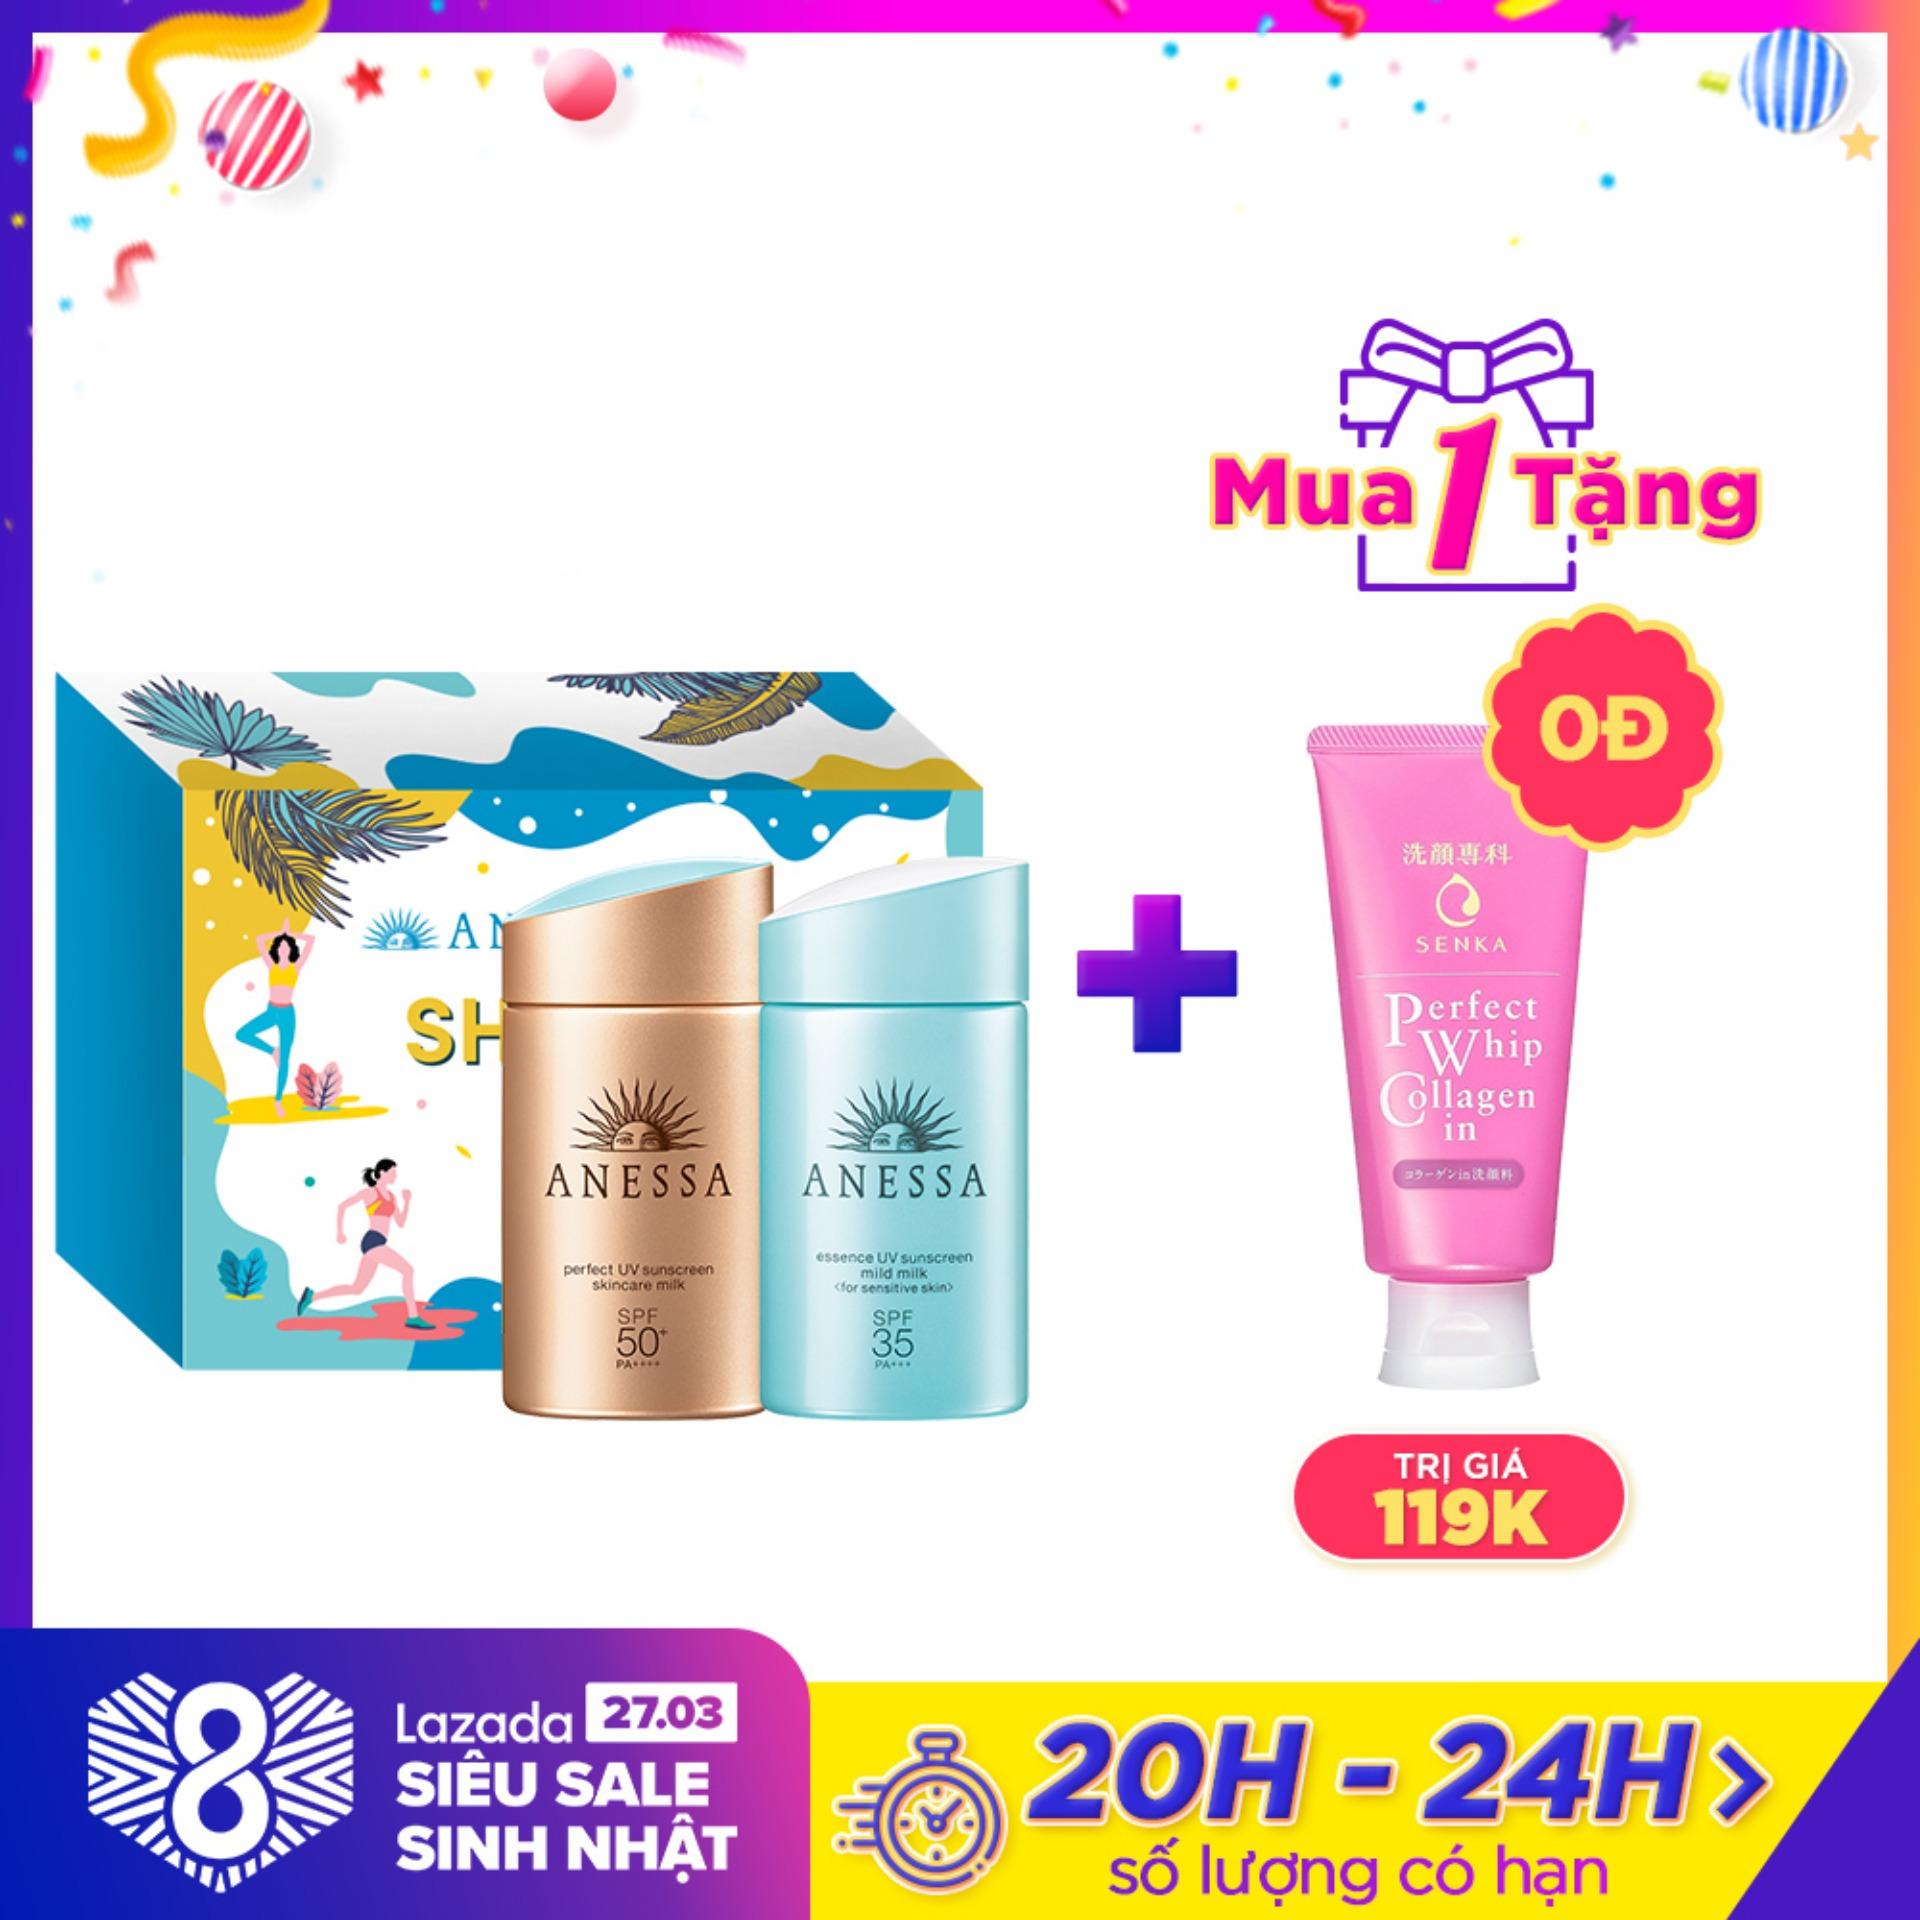 Bộ đôi kem chống nắng Anessa tiện lợi  (Perfect UV Sunscreen Skincare Milk - SPF 50+ PA++++ - 60ml + UV Sunscreen Mild Milk - SPF35 PA+++ - 60ml)